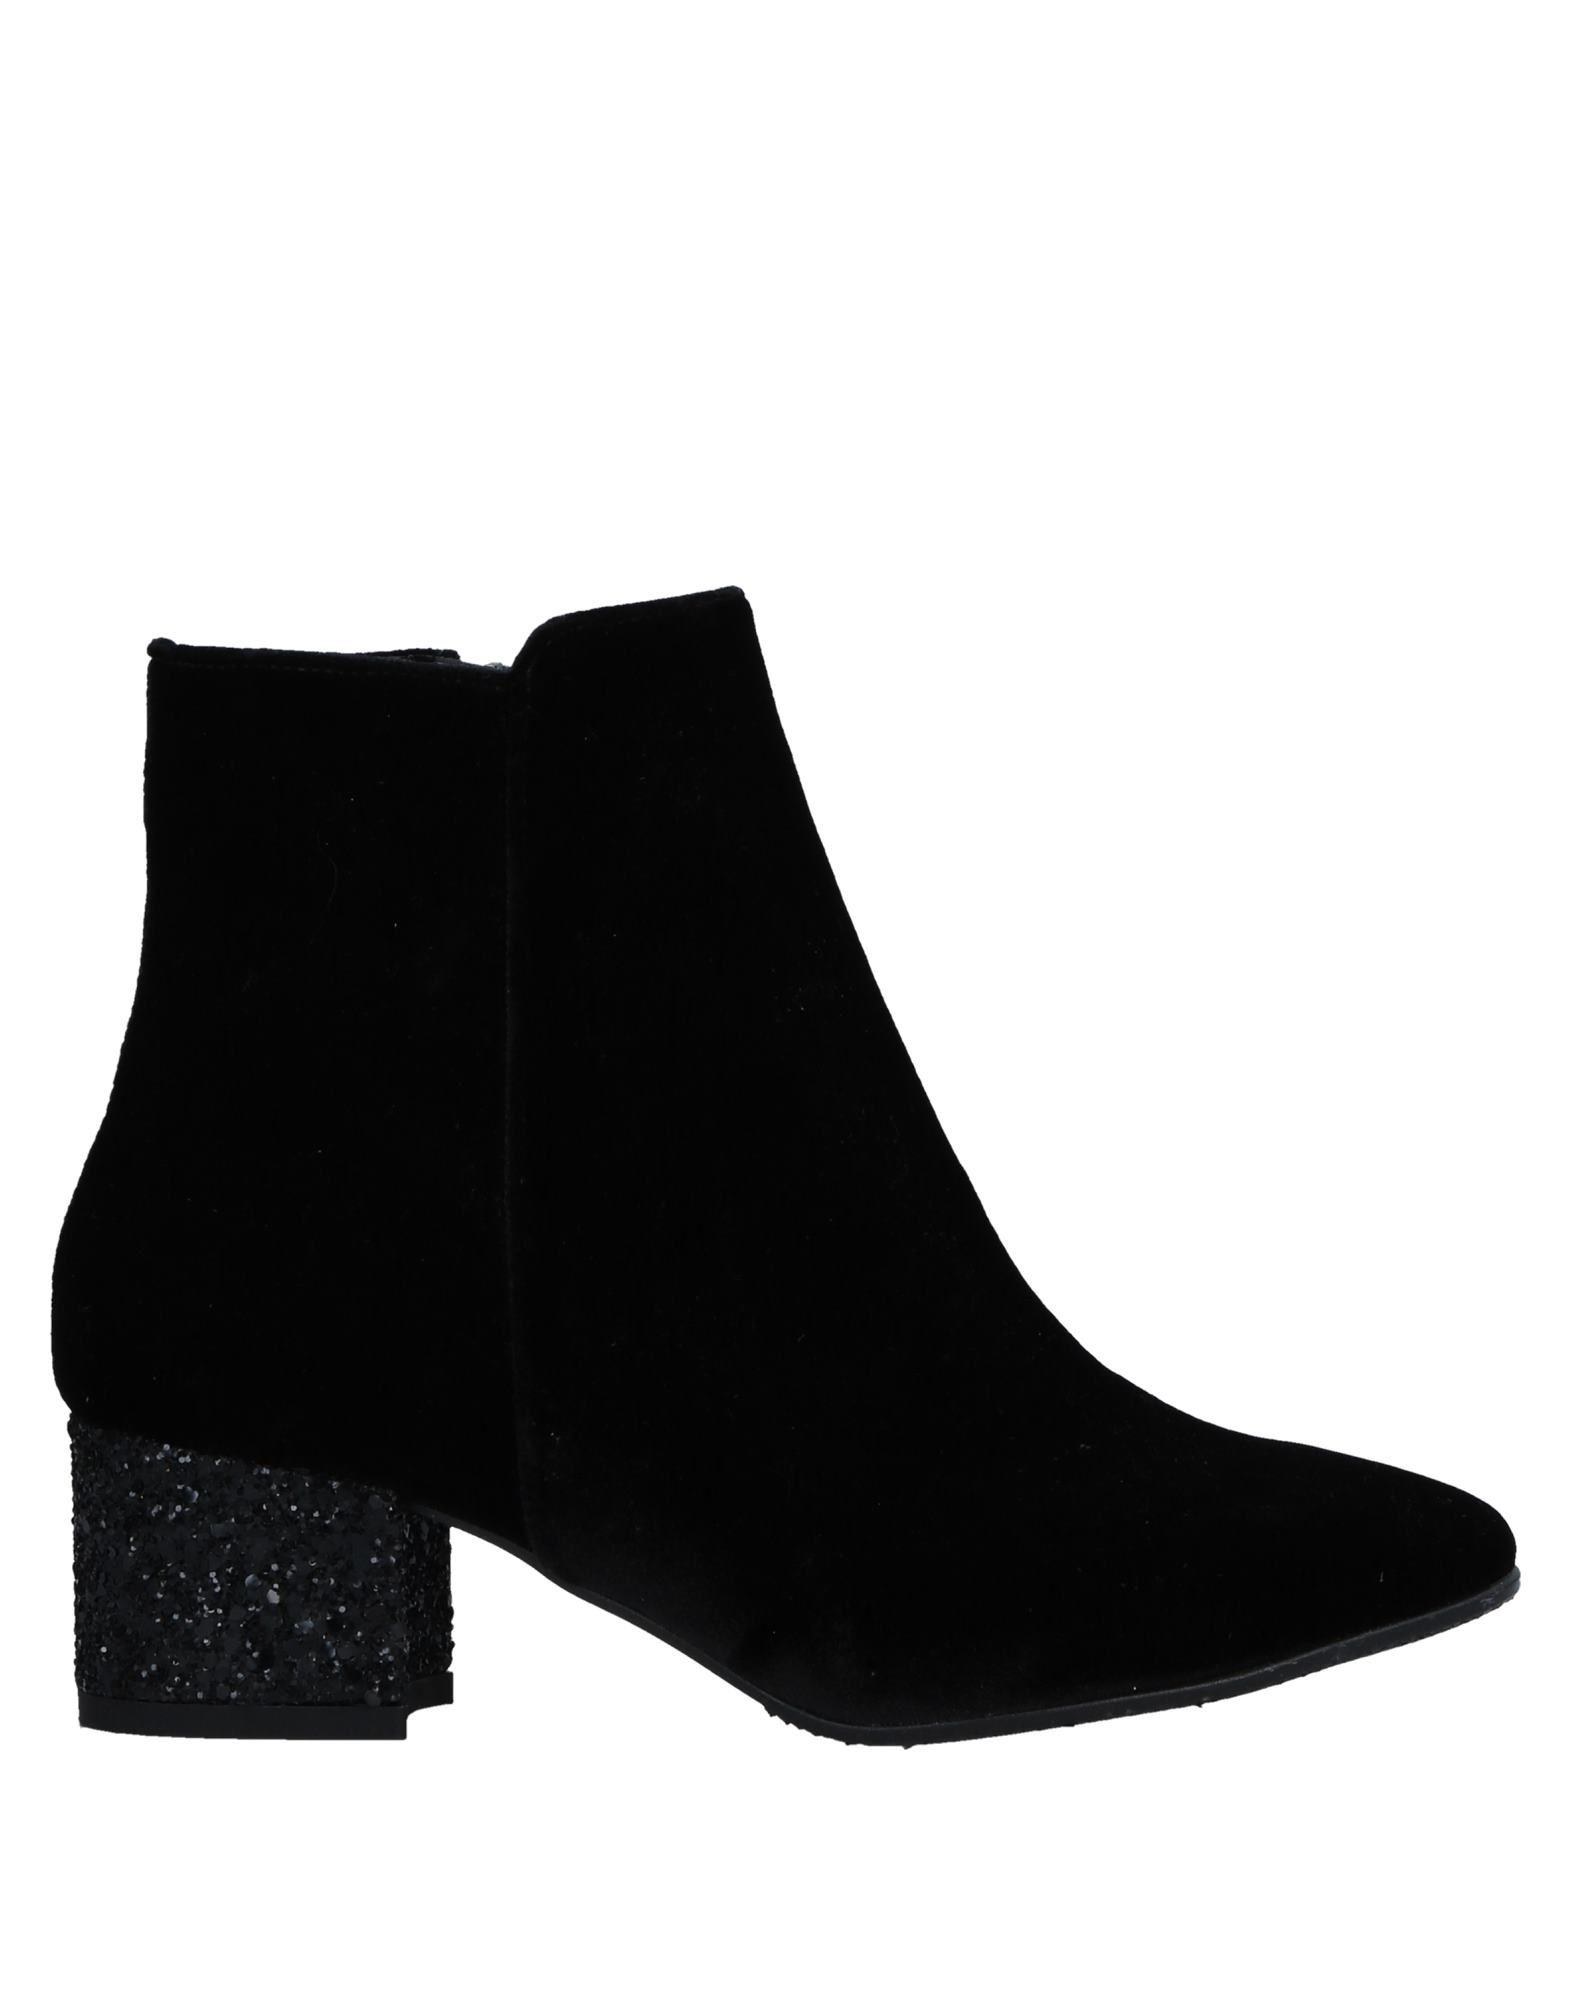 Chocolà Stiefelette Damen  11531000PH Gute Qualität beliebte Schuhe